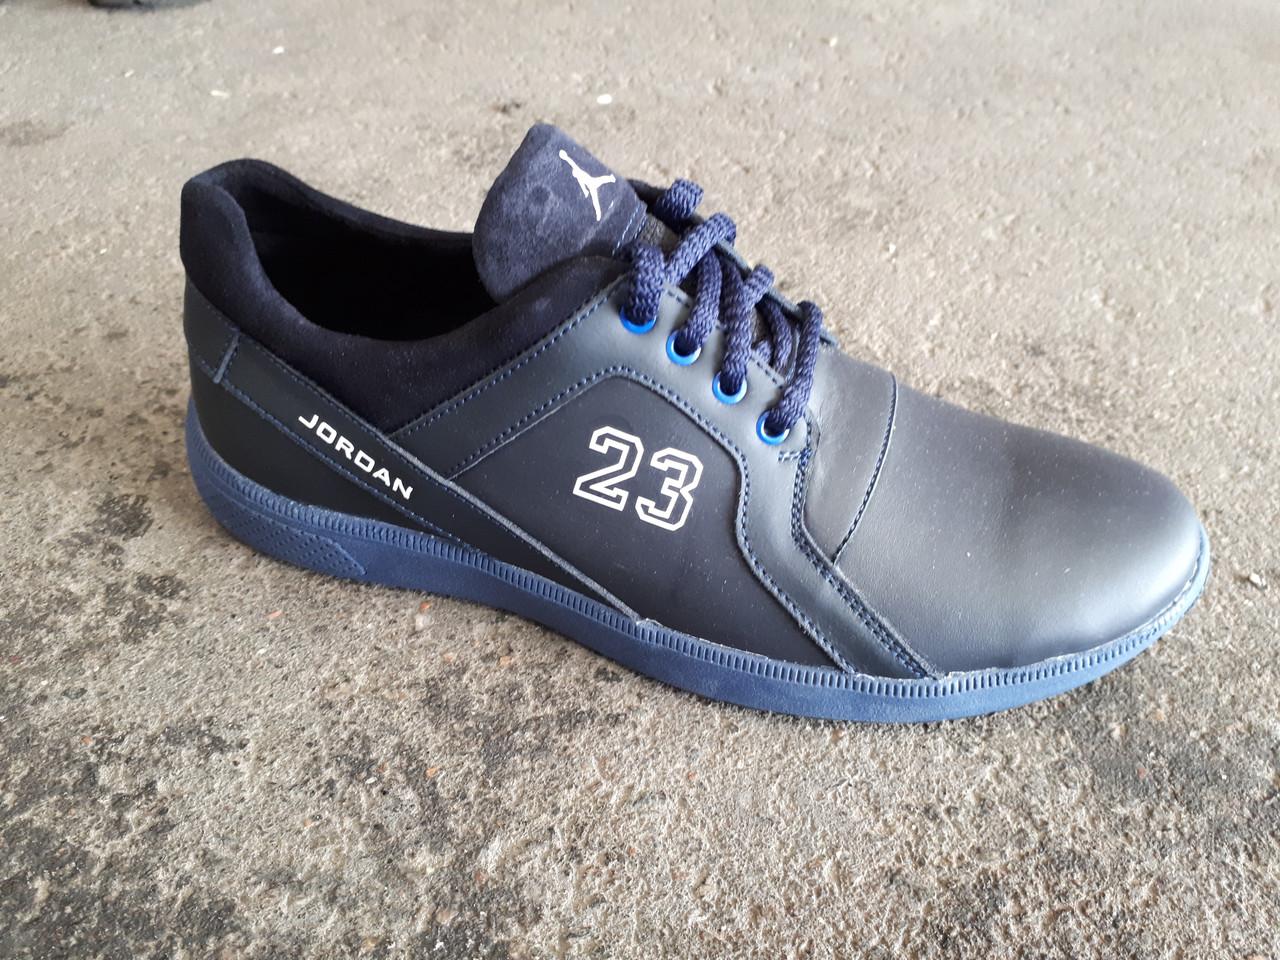 66f6bfd18 Мужские кожаные кроссовки Jordan. Украина - Интернет-магазин